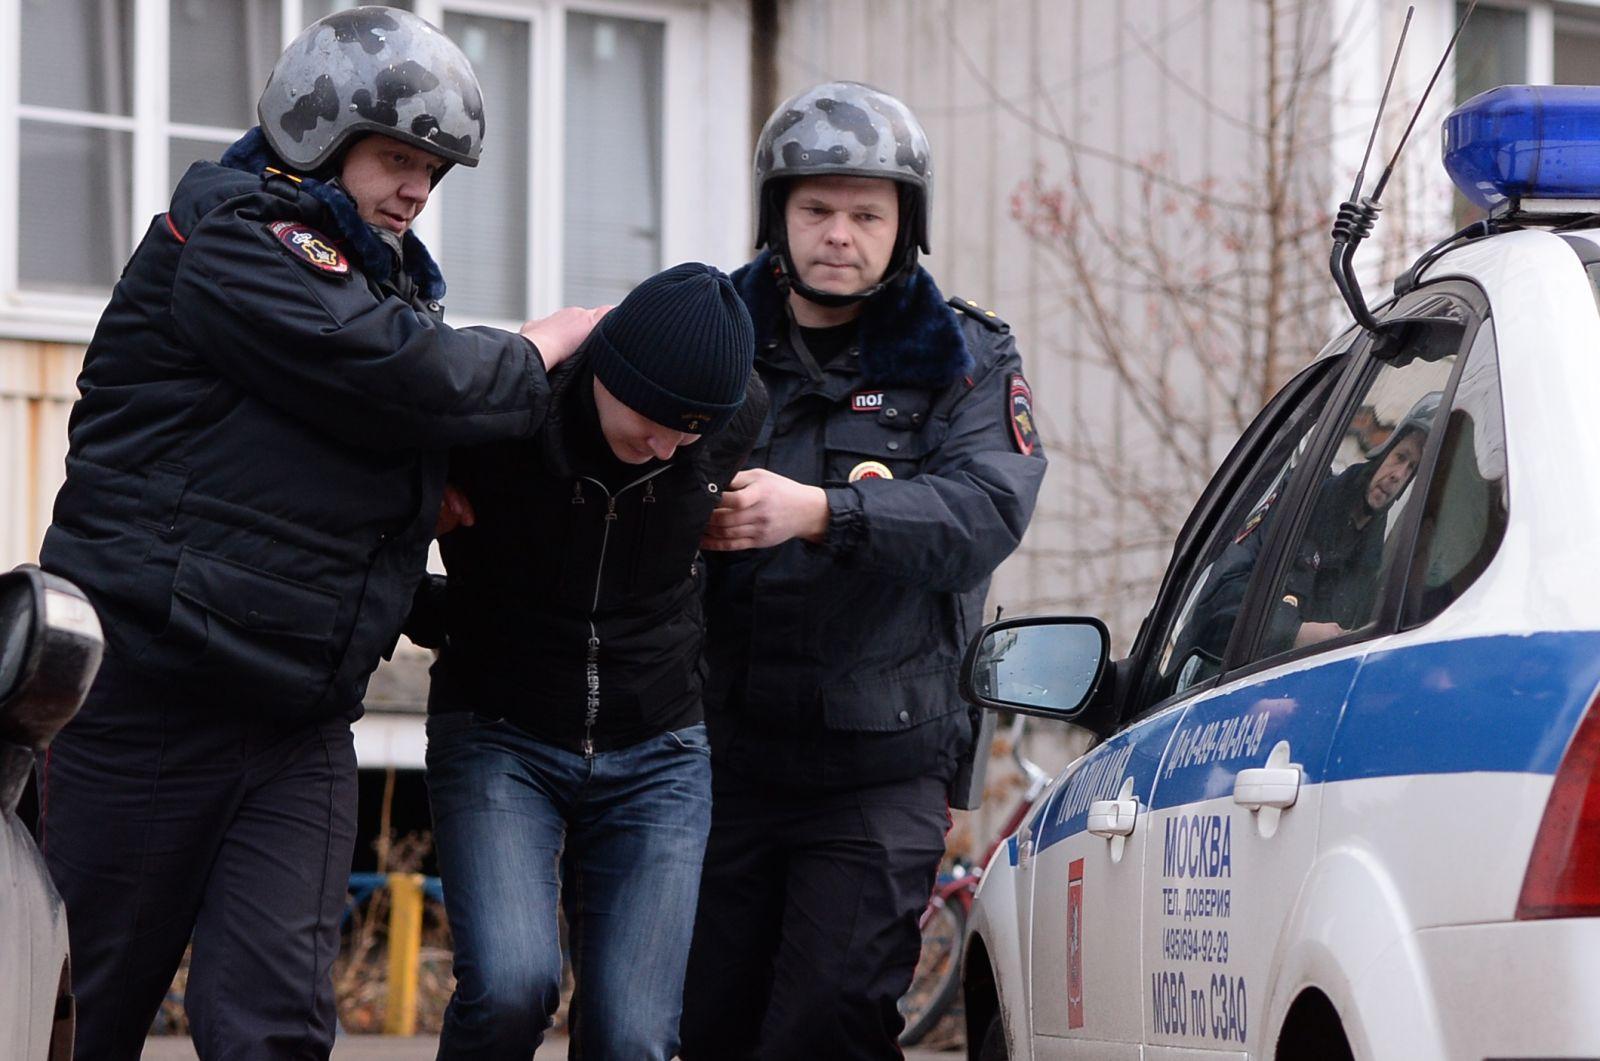 Признаки незаконного задержания и меры наказания сотрудников полиции